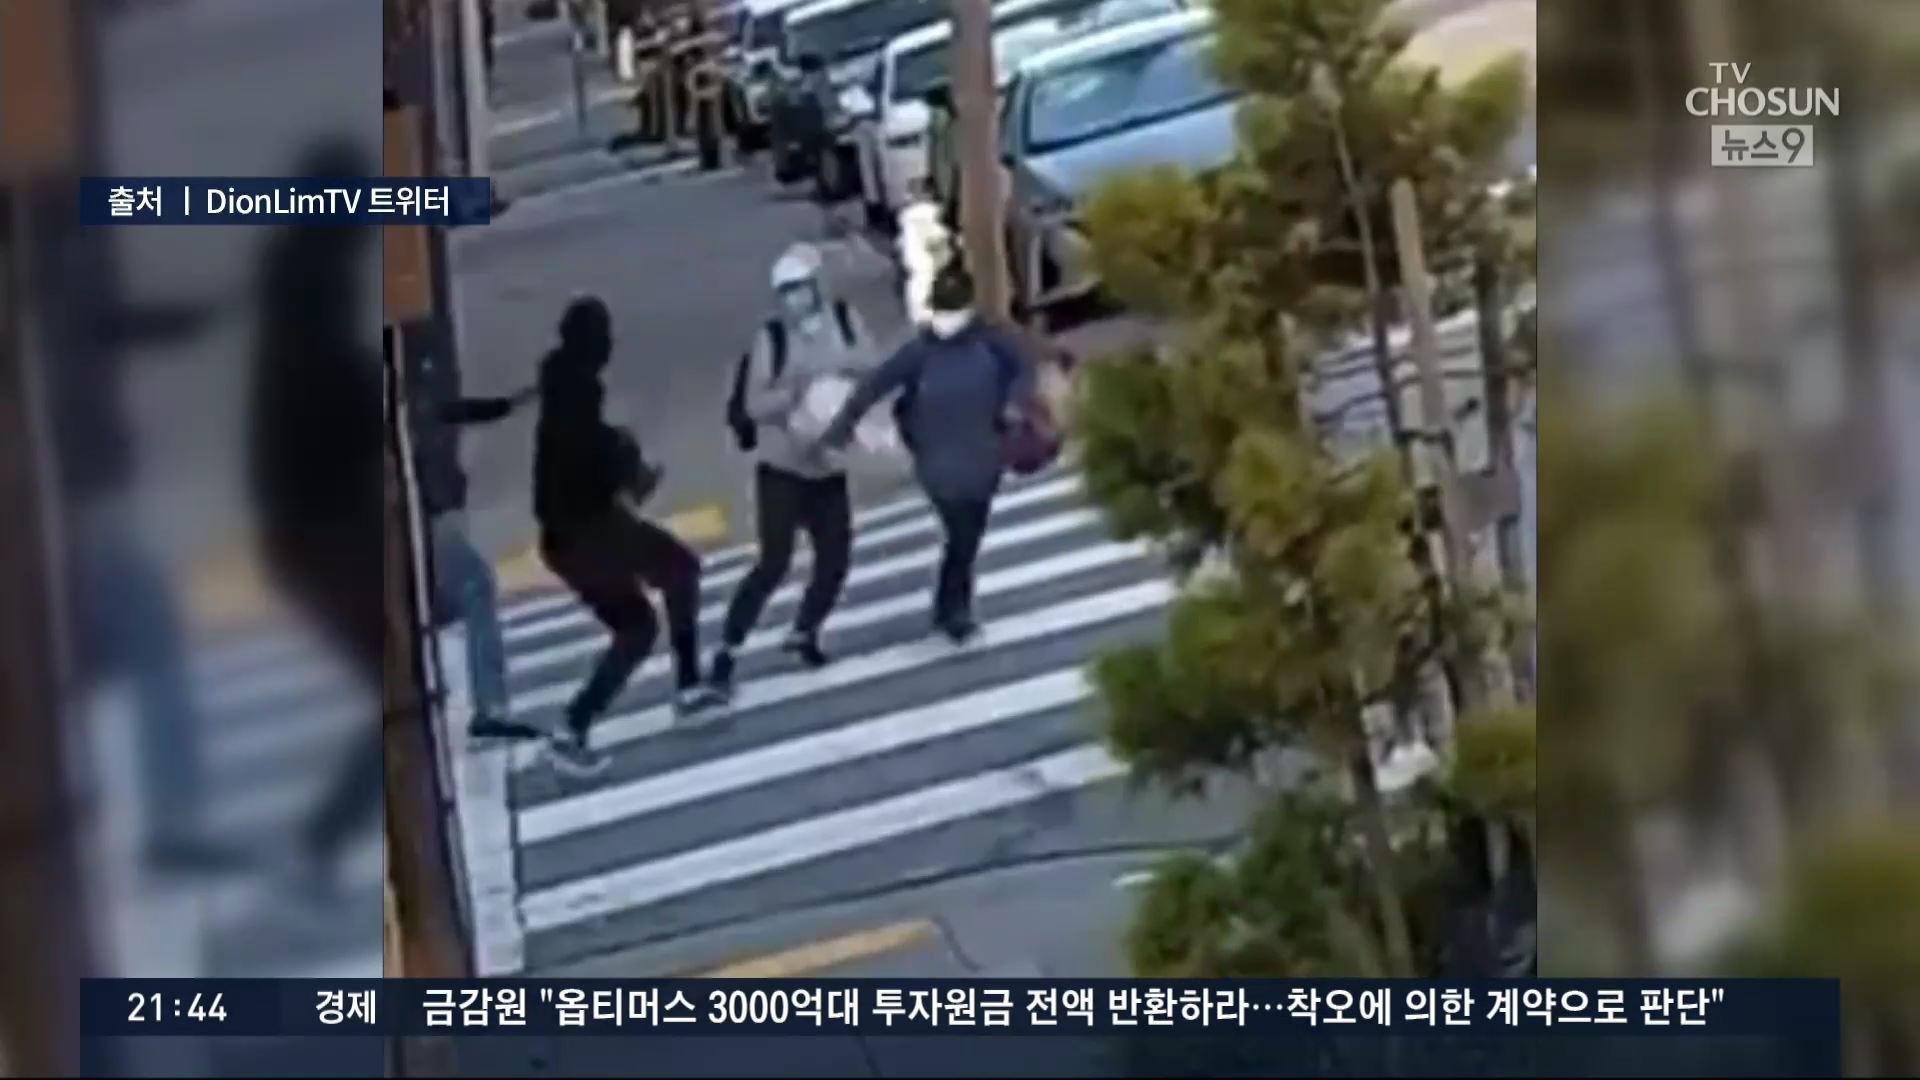 집 현관·횡단보도서 강도 당해…아시아계 노린 범죄 대담해져